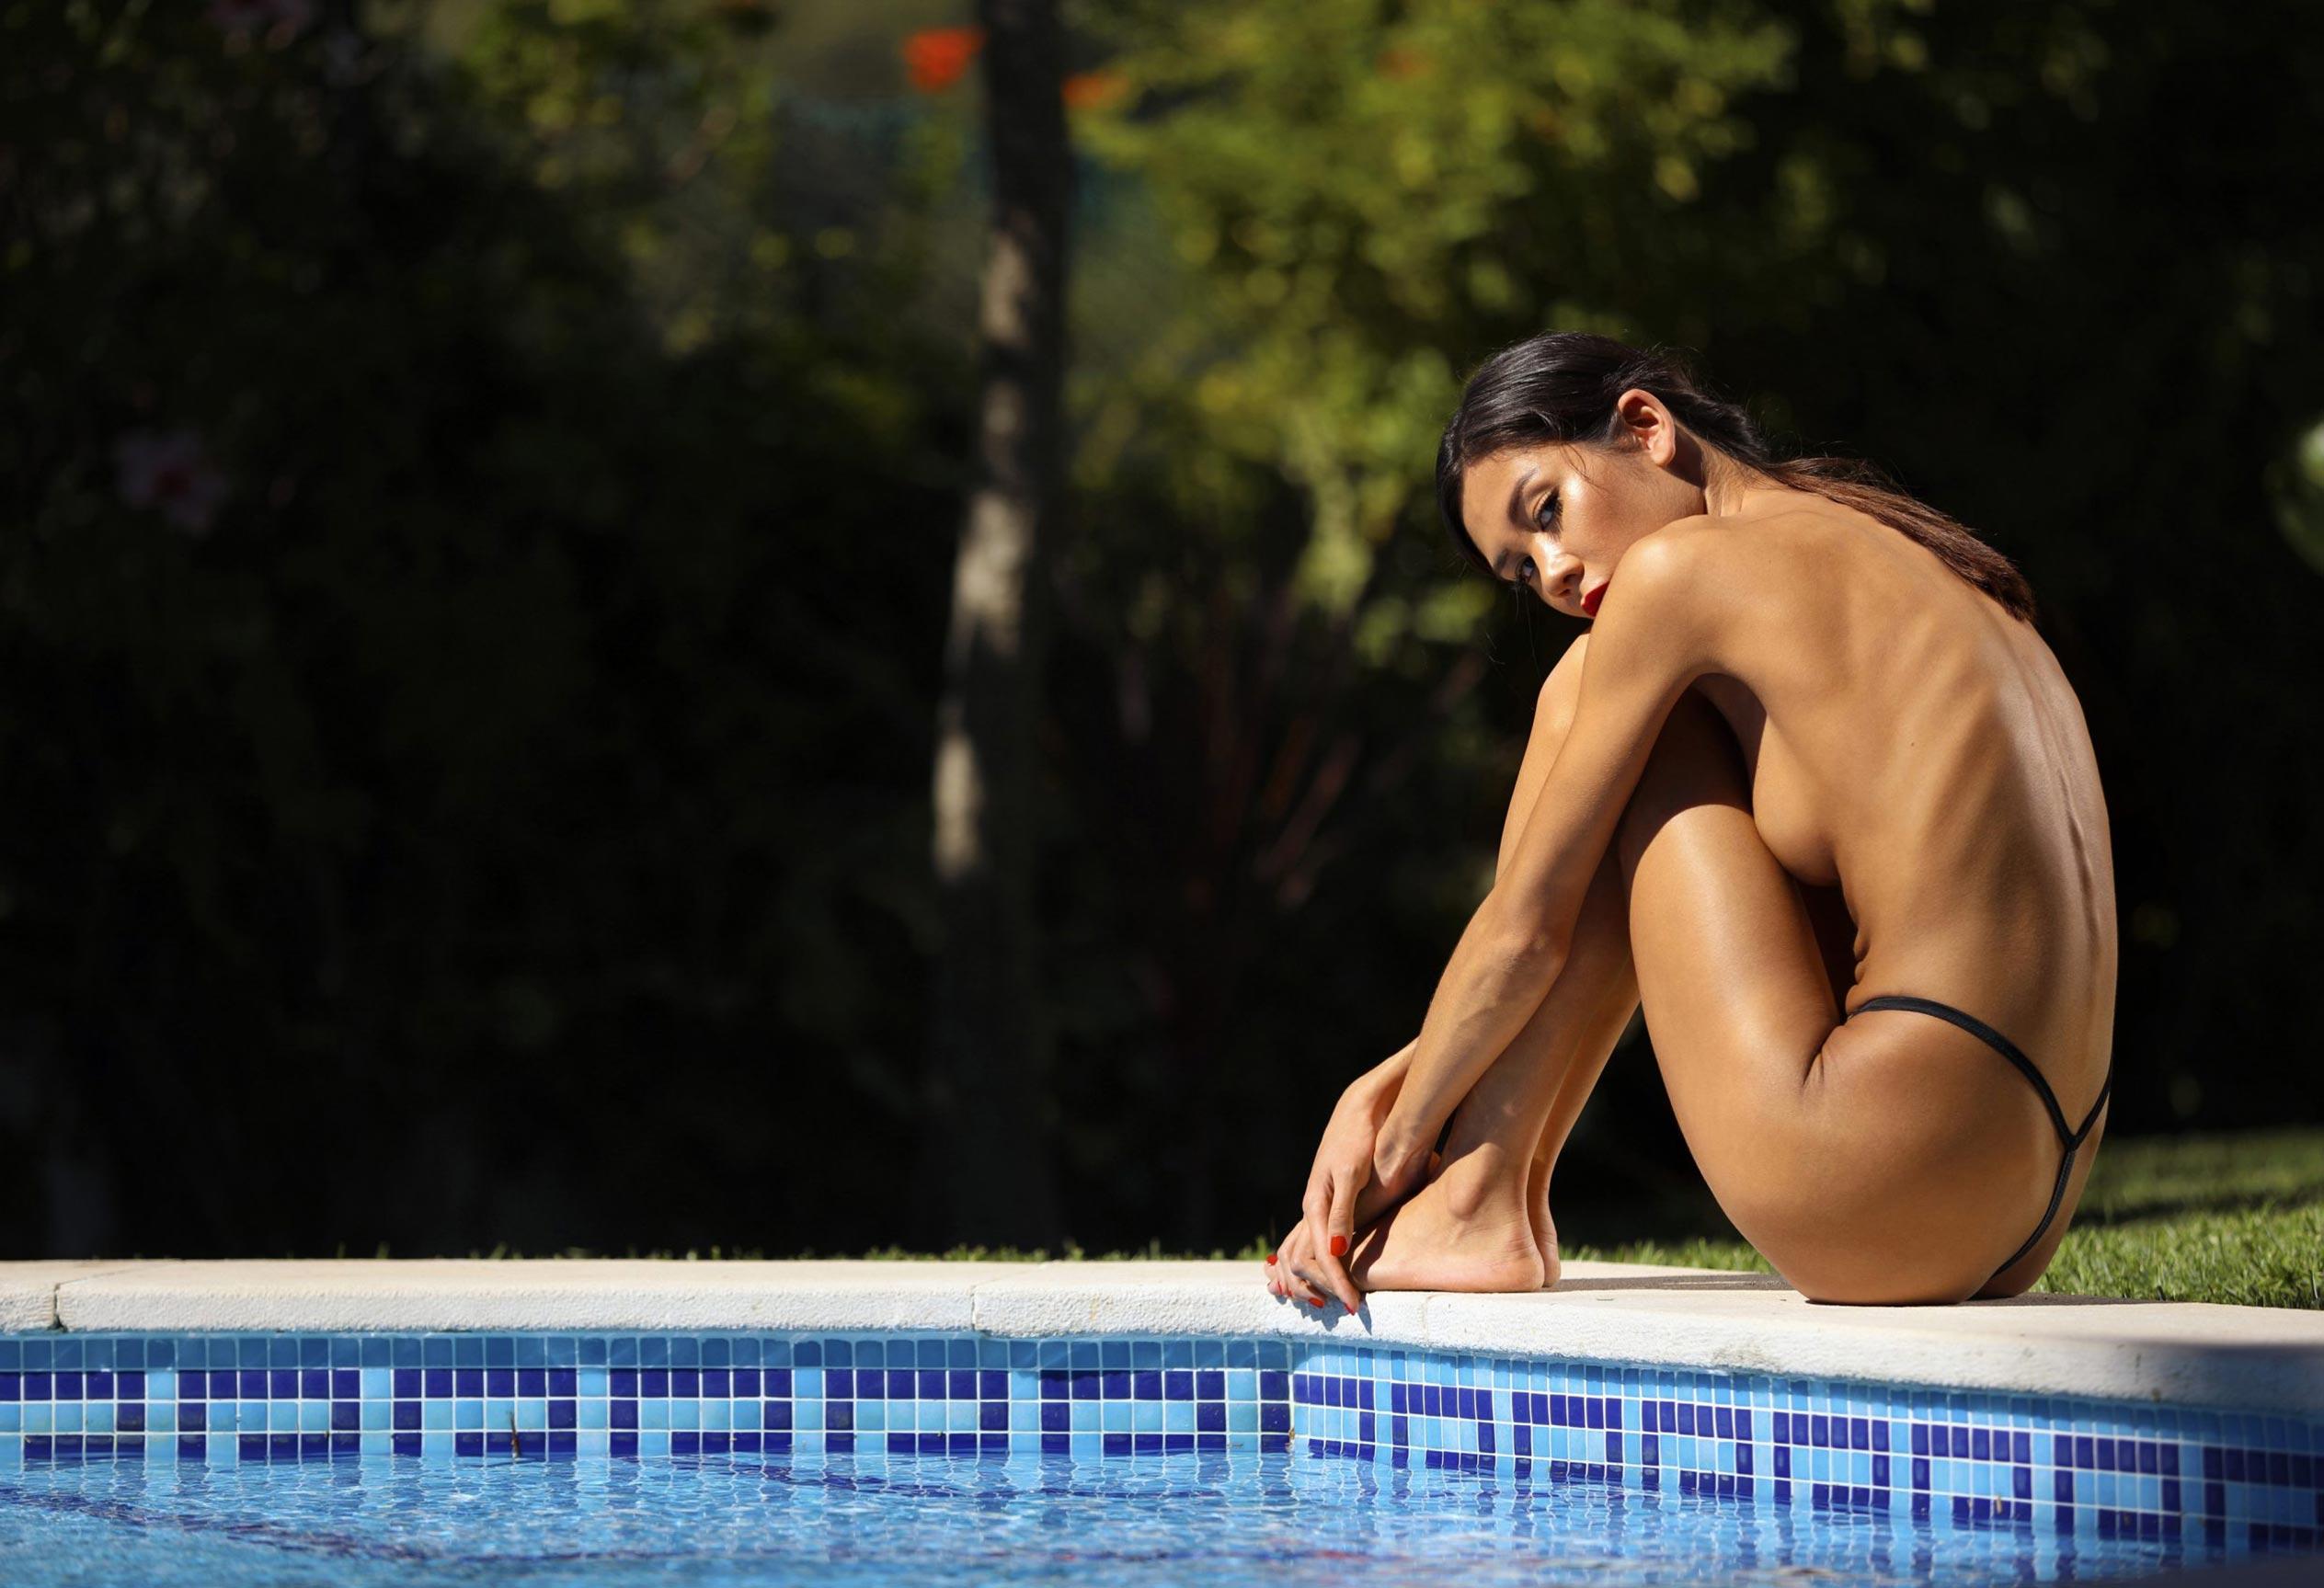 Кледия Фортин отдыхает у бассейна на фотографиях Аны Диас / фото 01